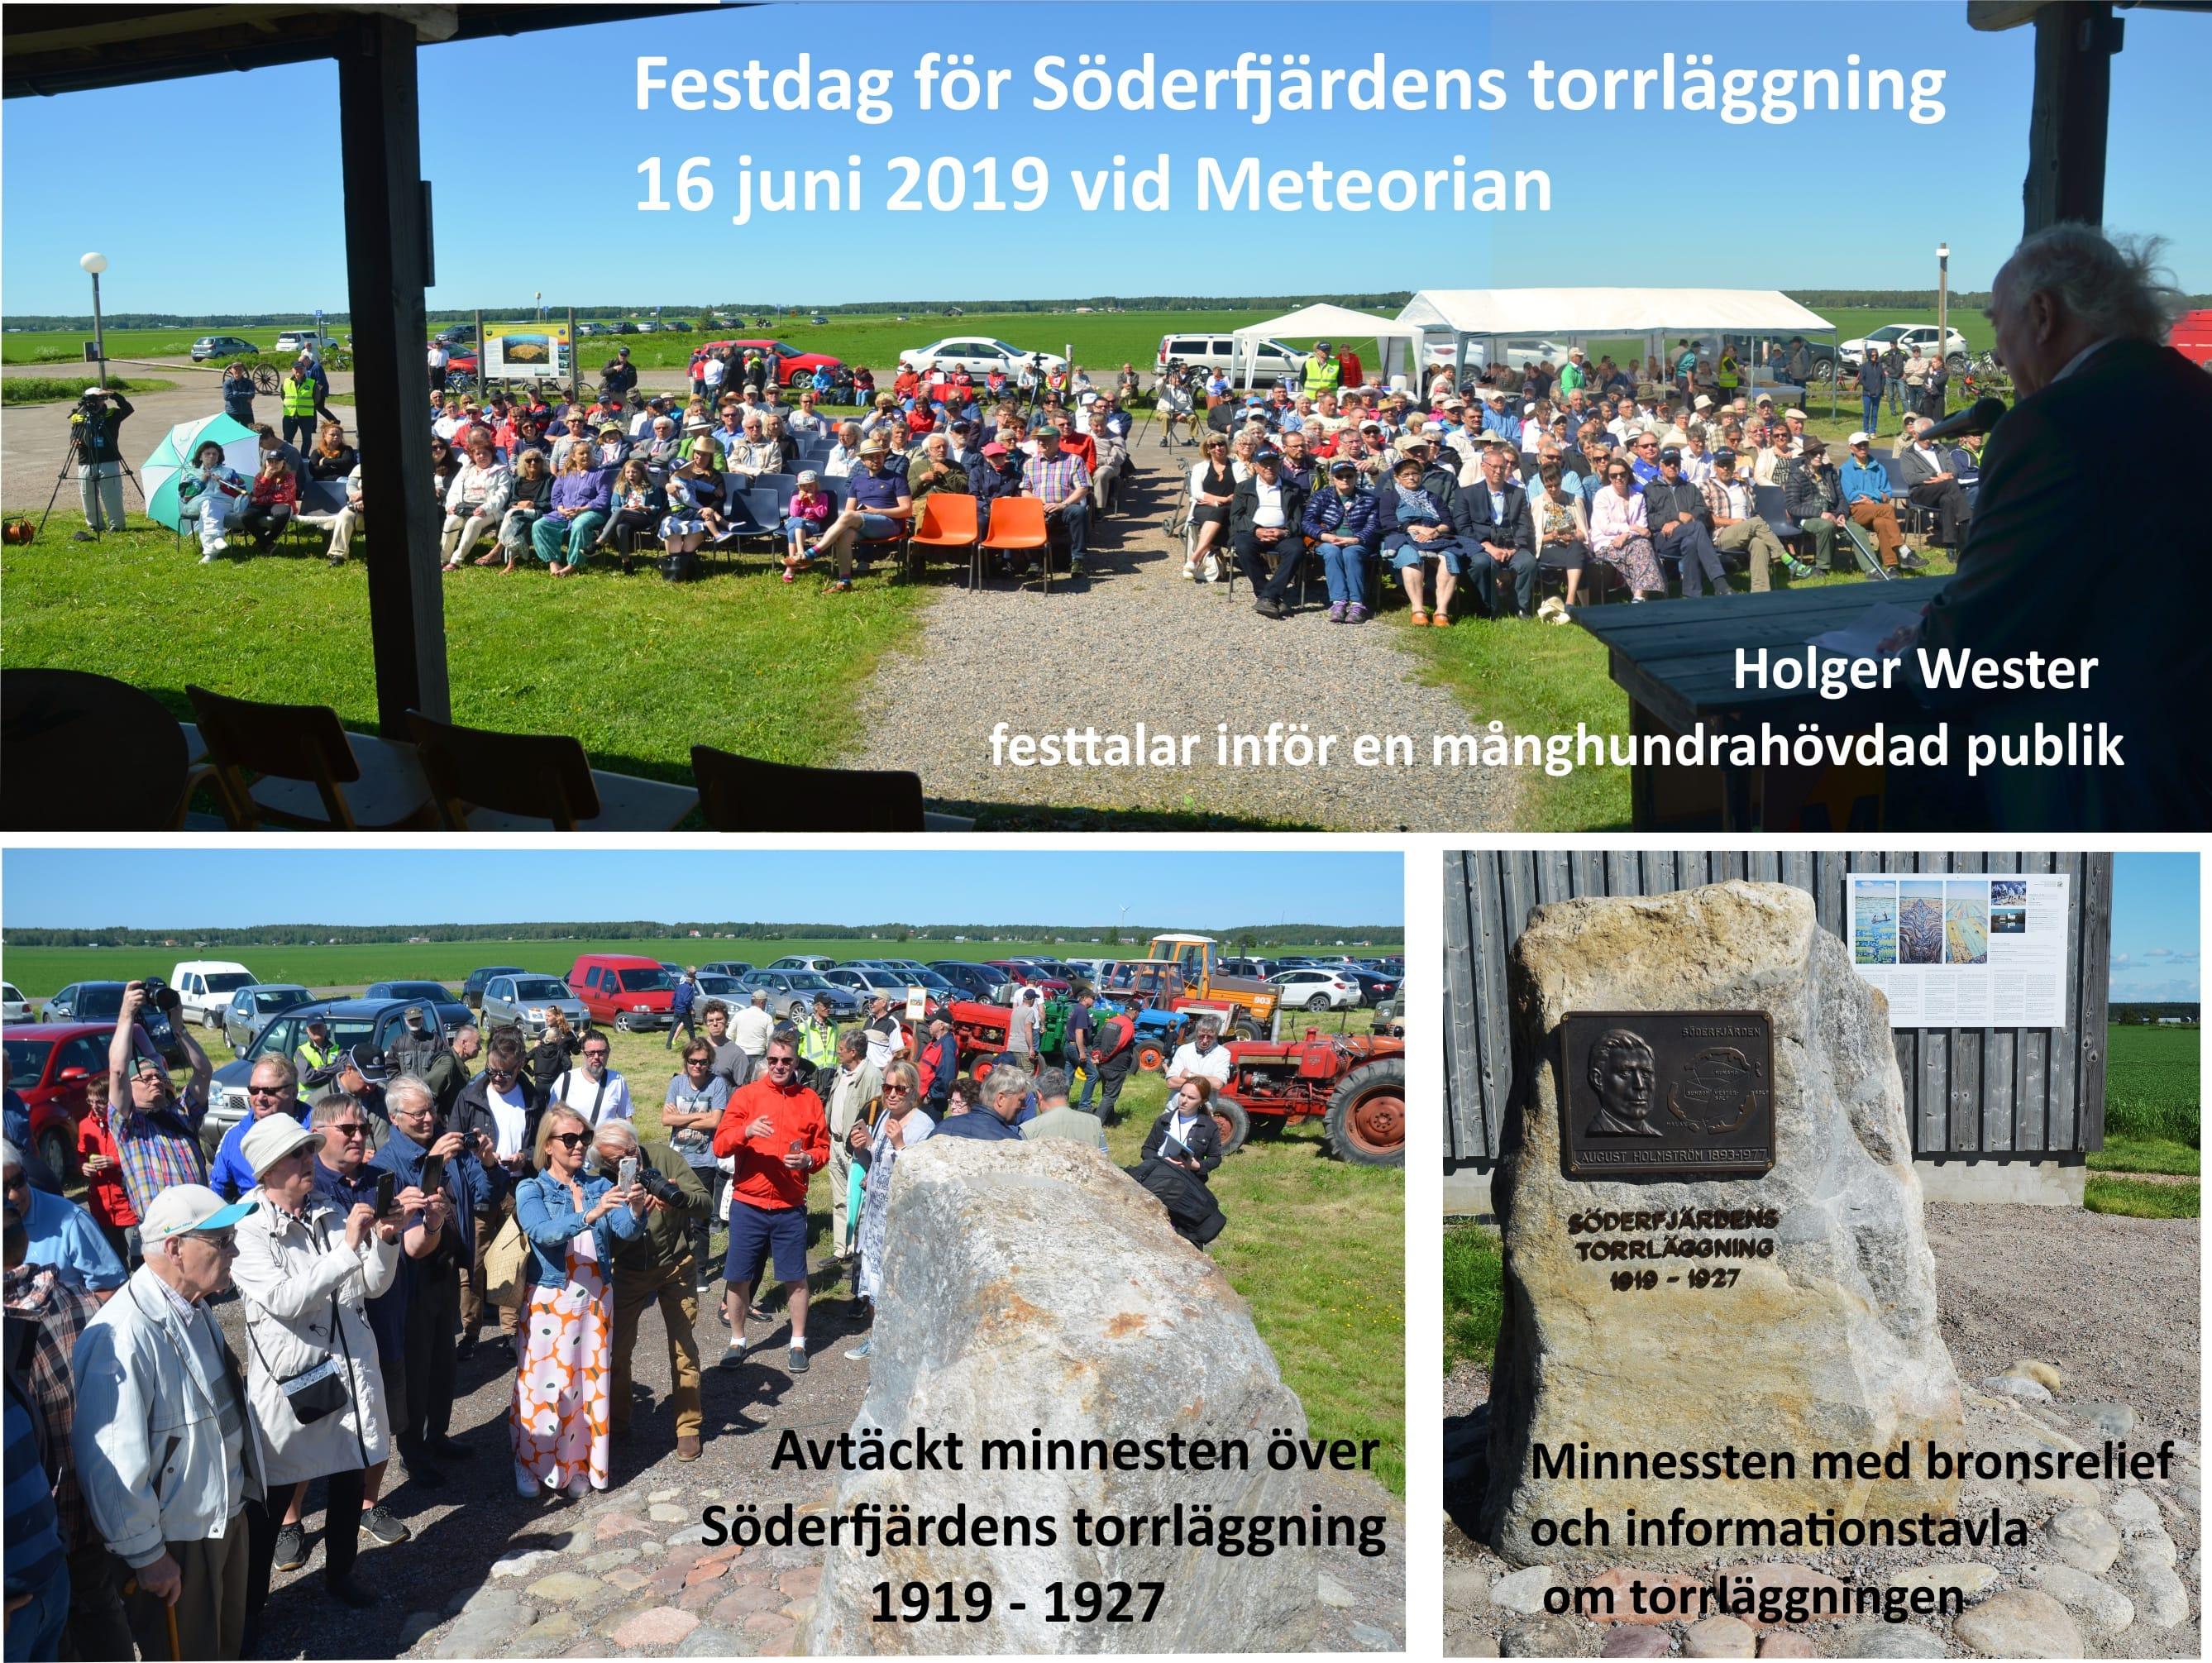 Söderfjärden 100-års jubileum av torrläggningens inledande.jpg